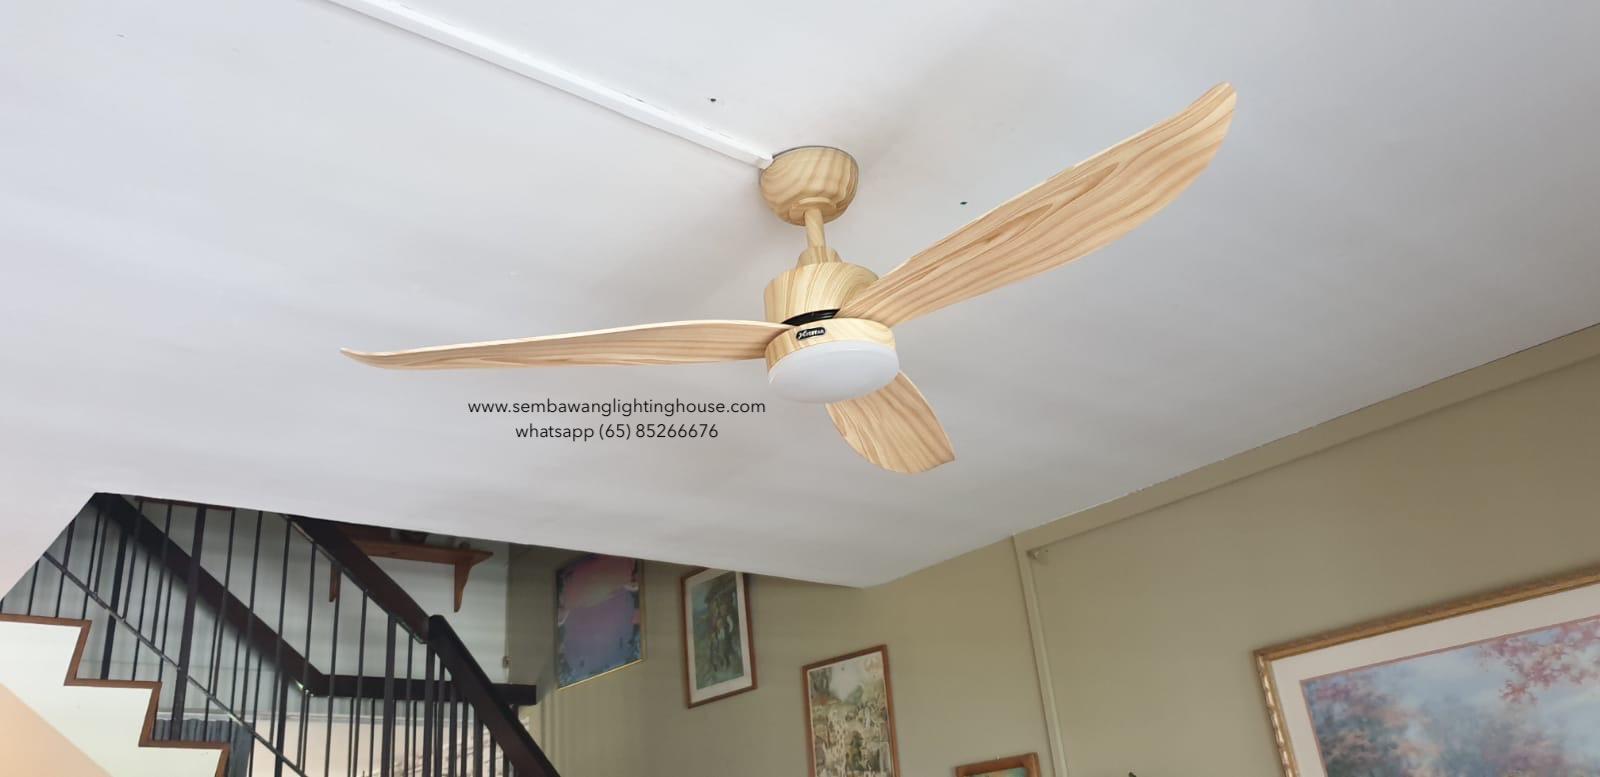 bestar-razor-pine-ceiling-fan-sembawang-lighting-house-04.jpg